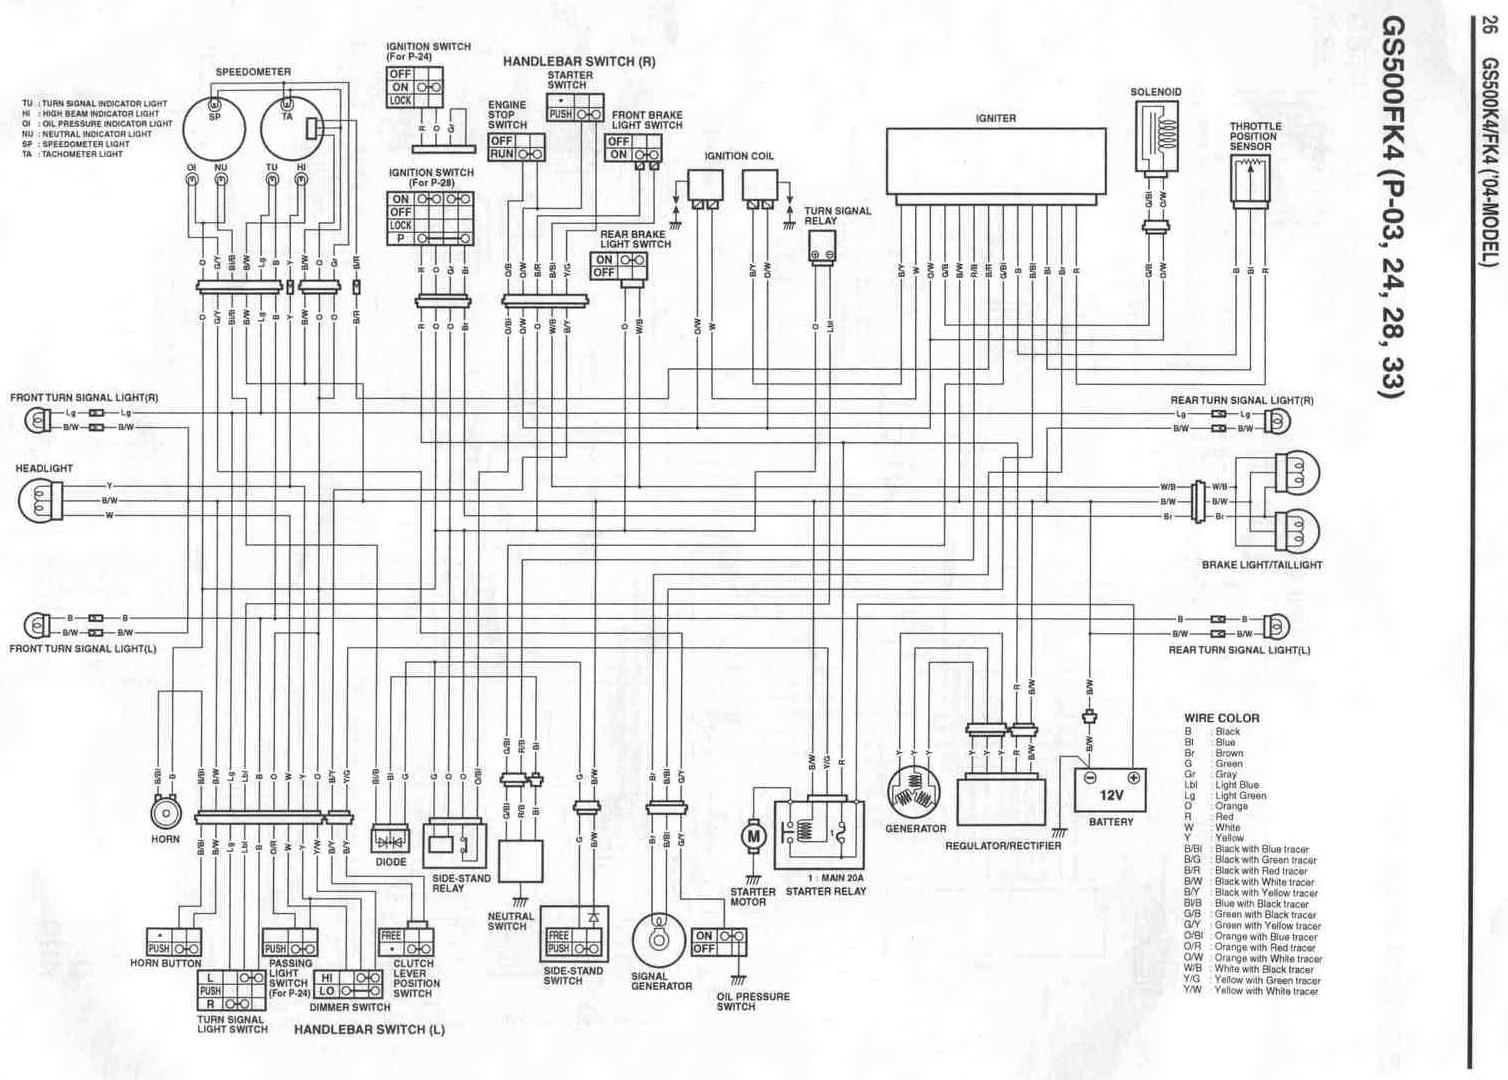 [CSDW_4250]   AG_7689] Suzuki Marauder Vz800 Wiring Diagram Download Diagram | 2002 Vz800 Wiring Diagram |  | Ifica Inst Simij Chor Mohammedshrine Librar Wiring 101